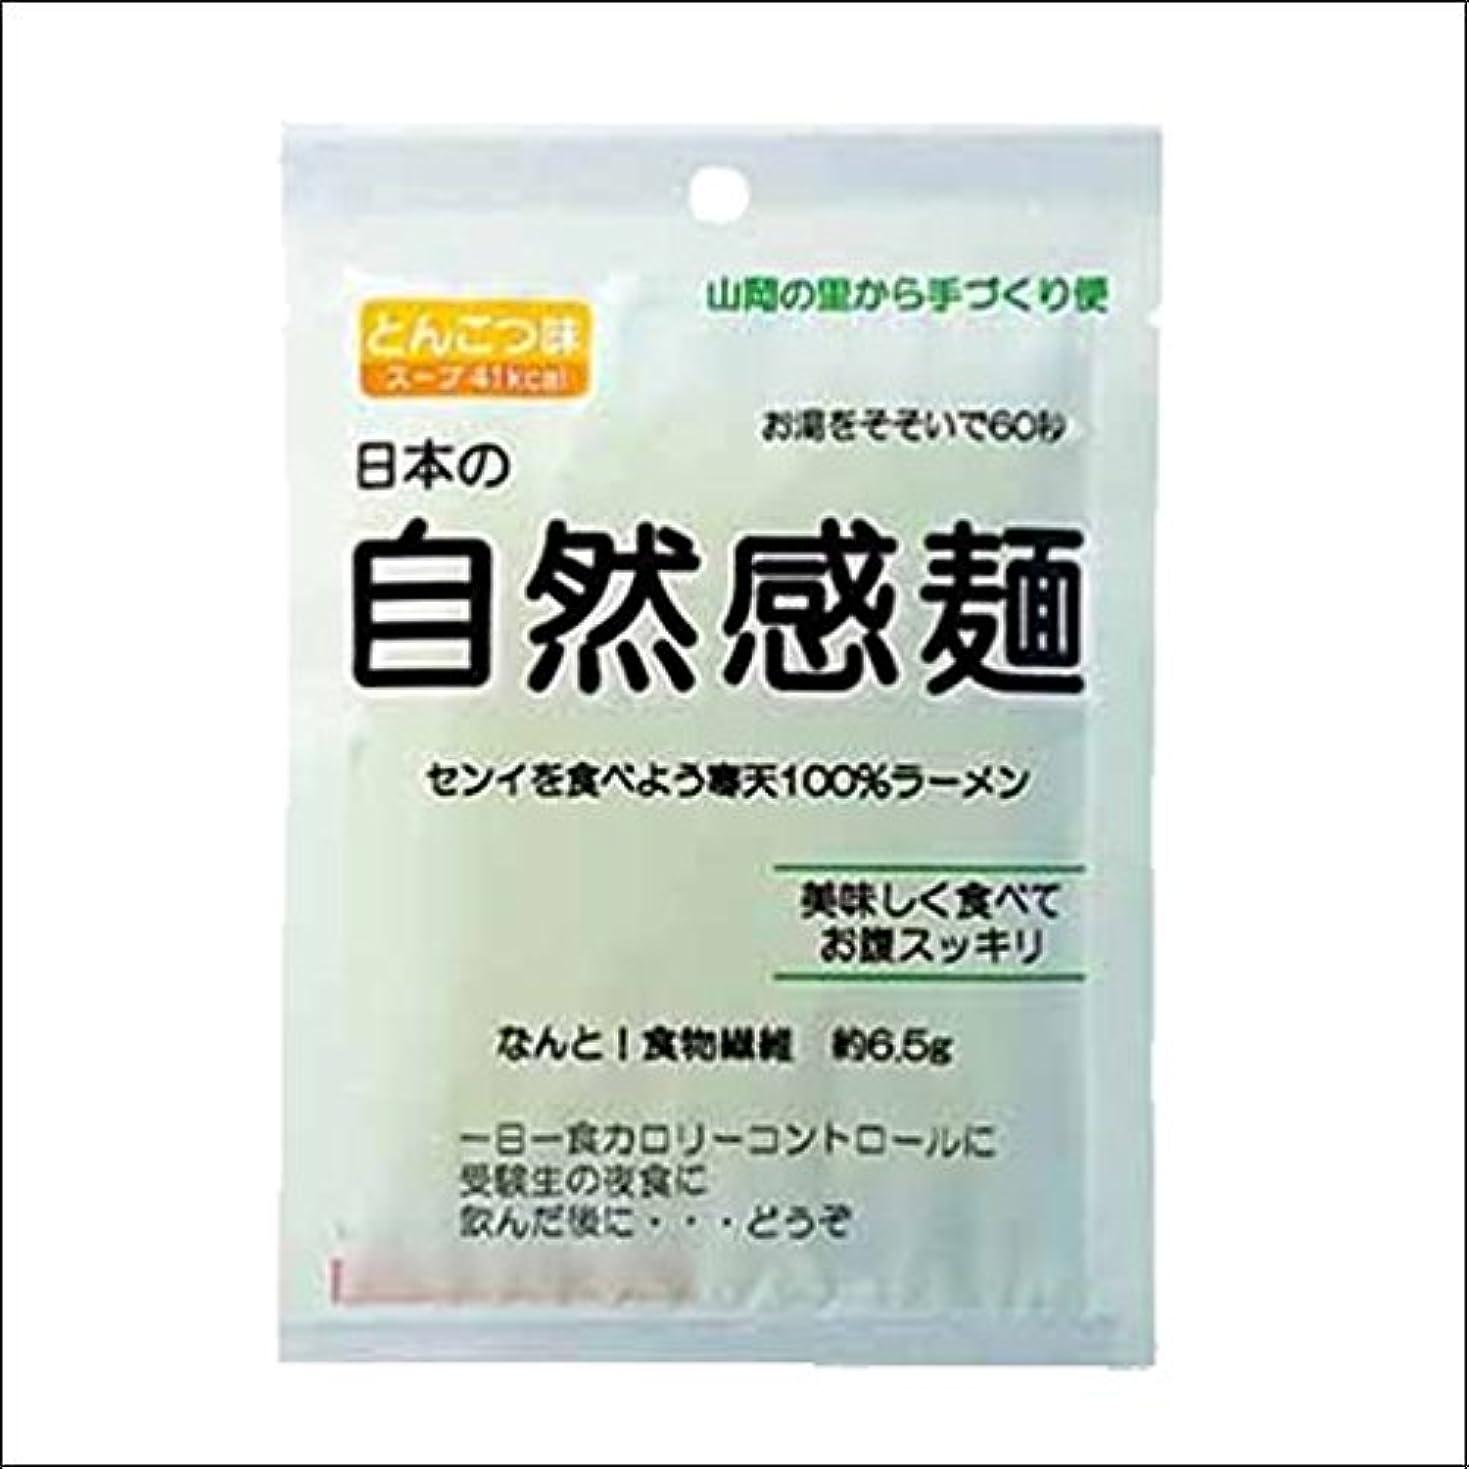 民兵アクチュエータ些細【ダイエットラーメン】 日本の自然感麺(寒天ラーメン) とんこつ味 1袋